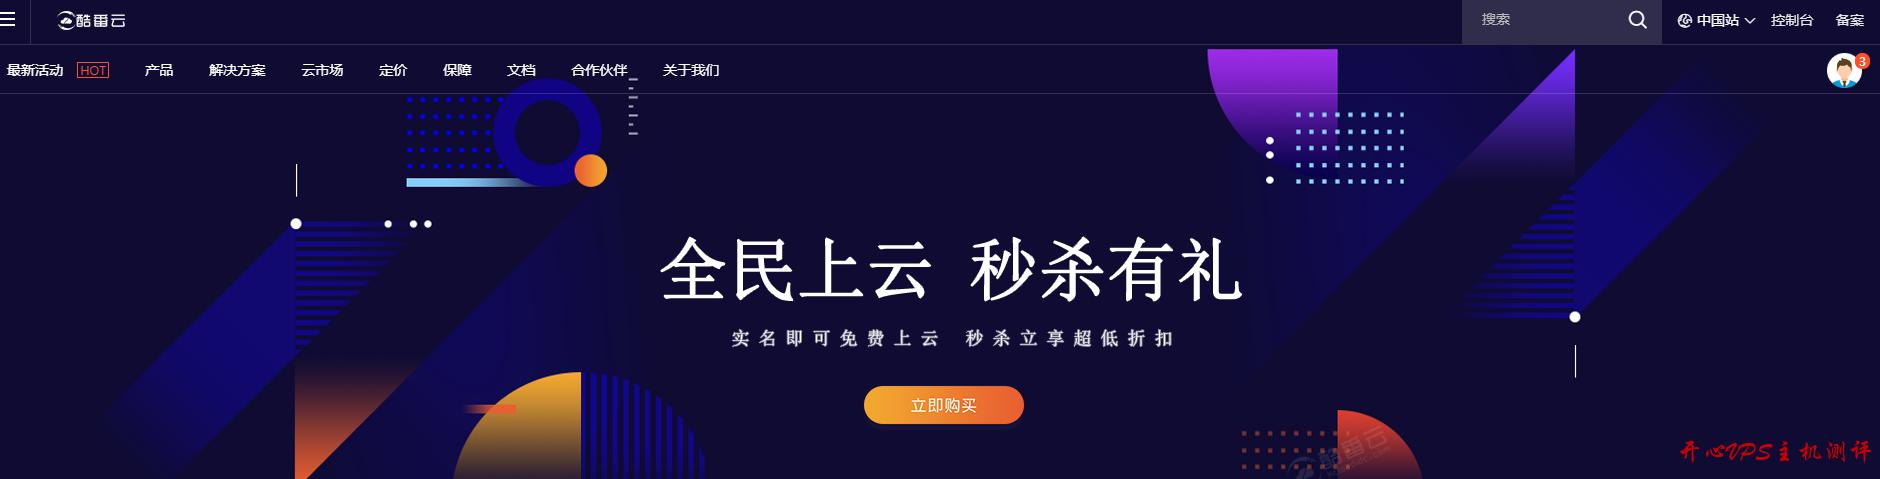 #商家投稿#¥50/月 2核CPU 2G内存 180G硬盘 5Mbps不限量 KVM 郑州BGP 酷番云-国外主机测评